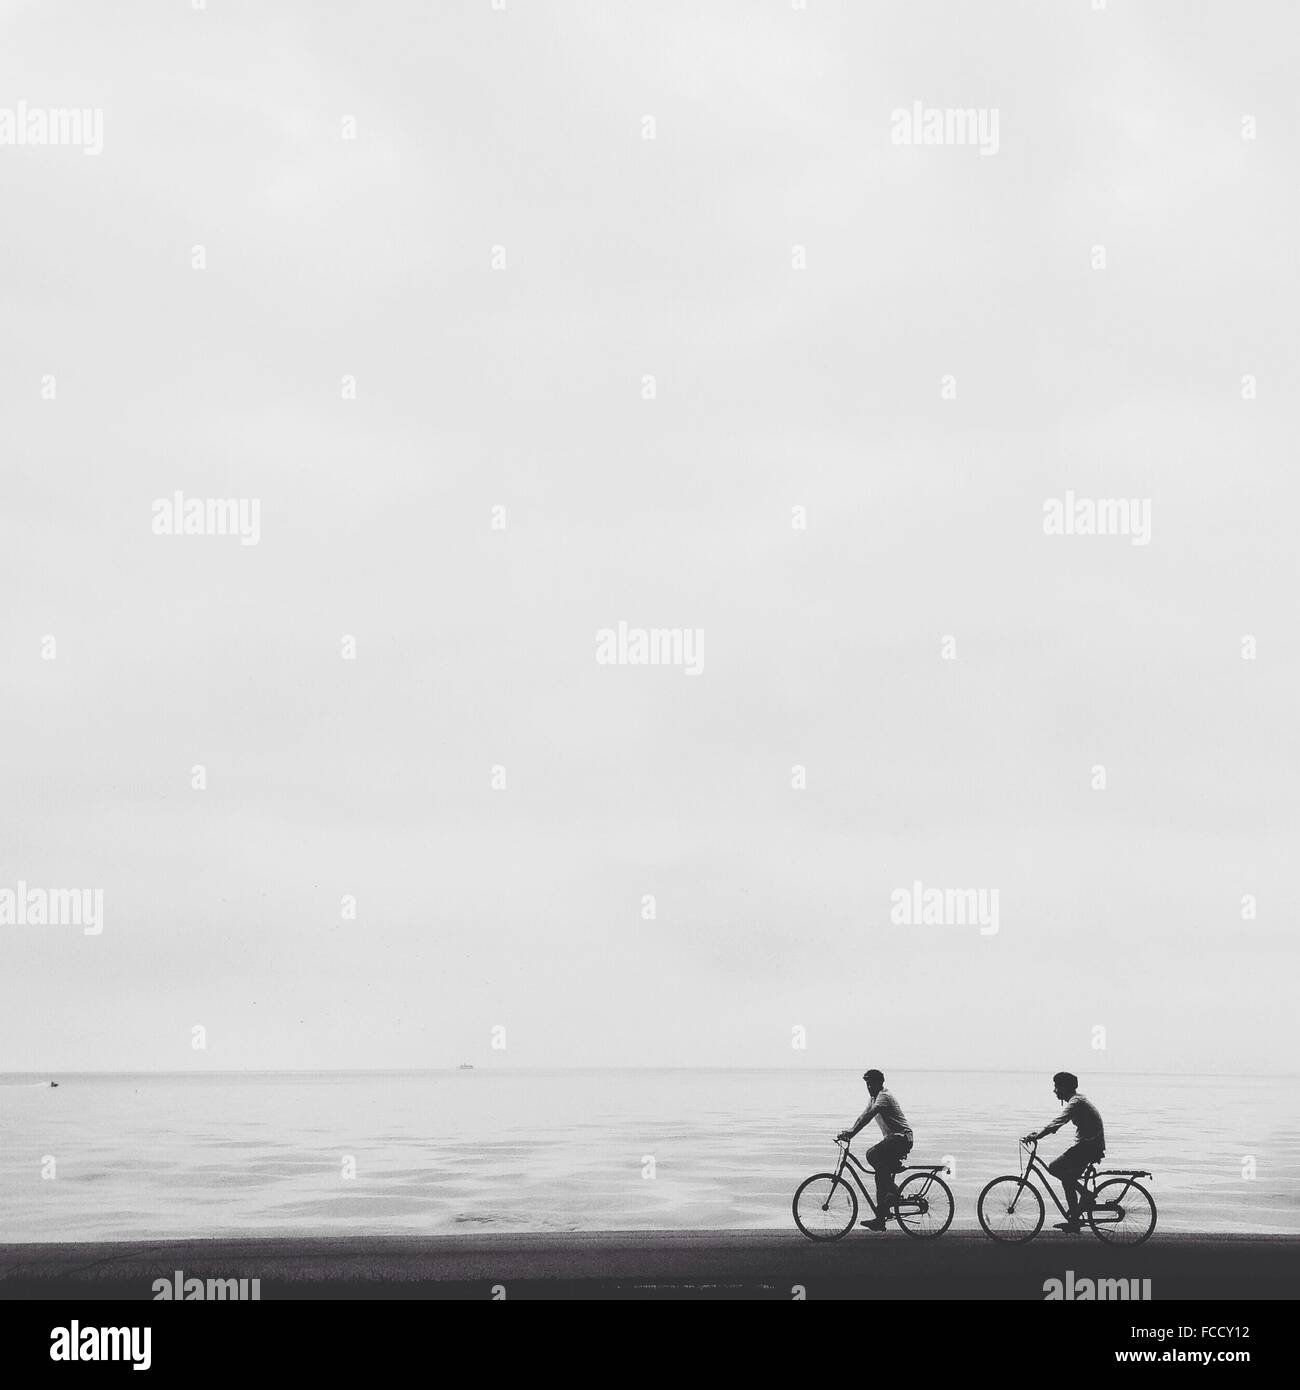 Les hommes à cheval Location sur la plage contre un ciel clair Photo Stock